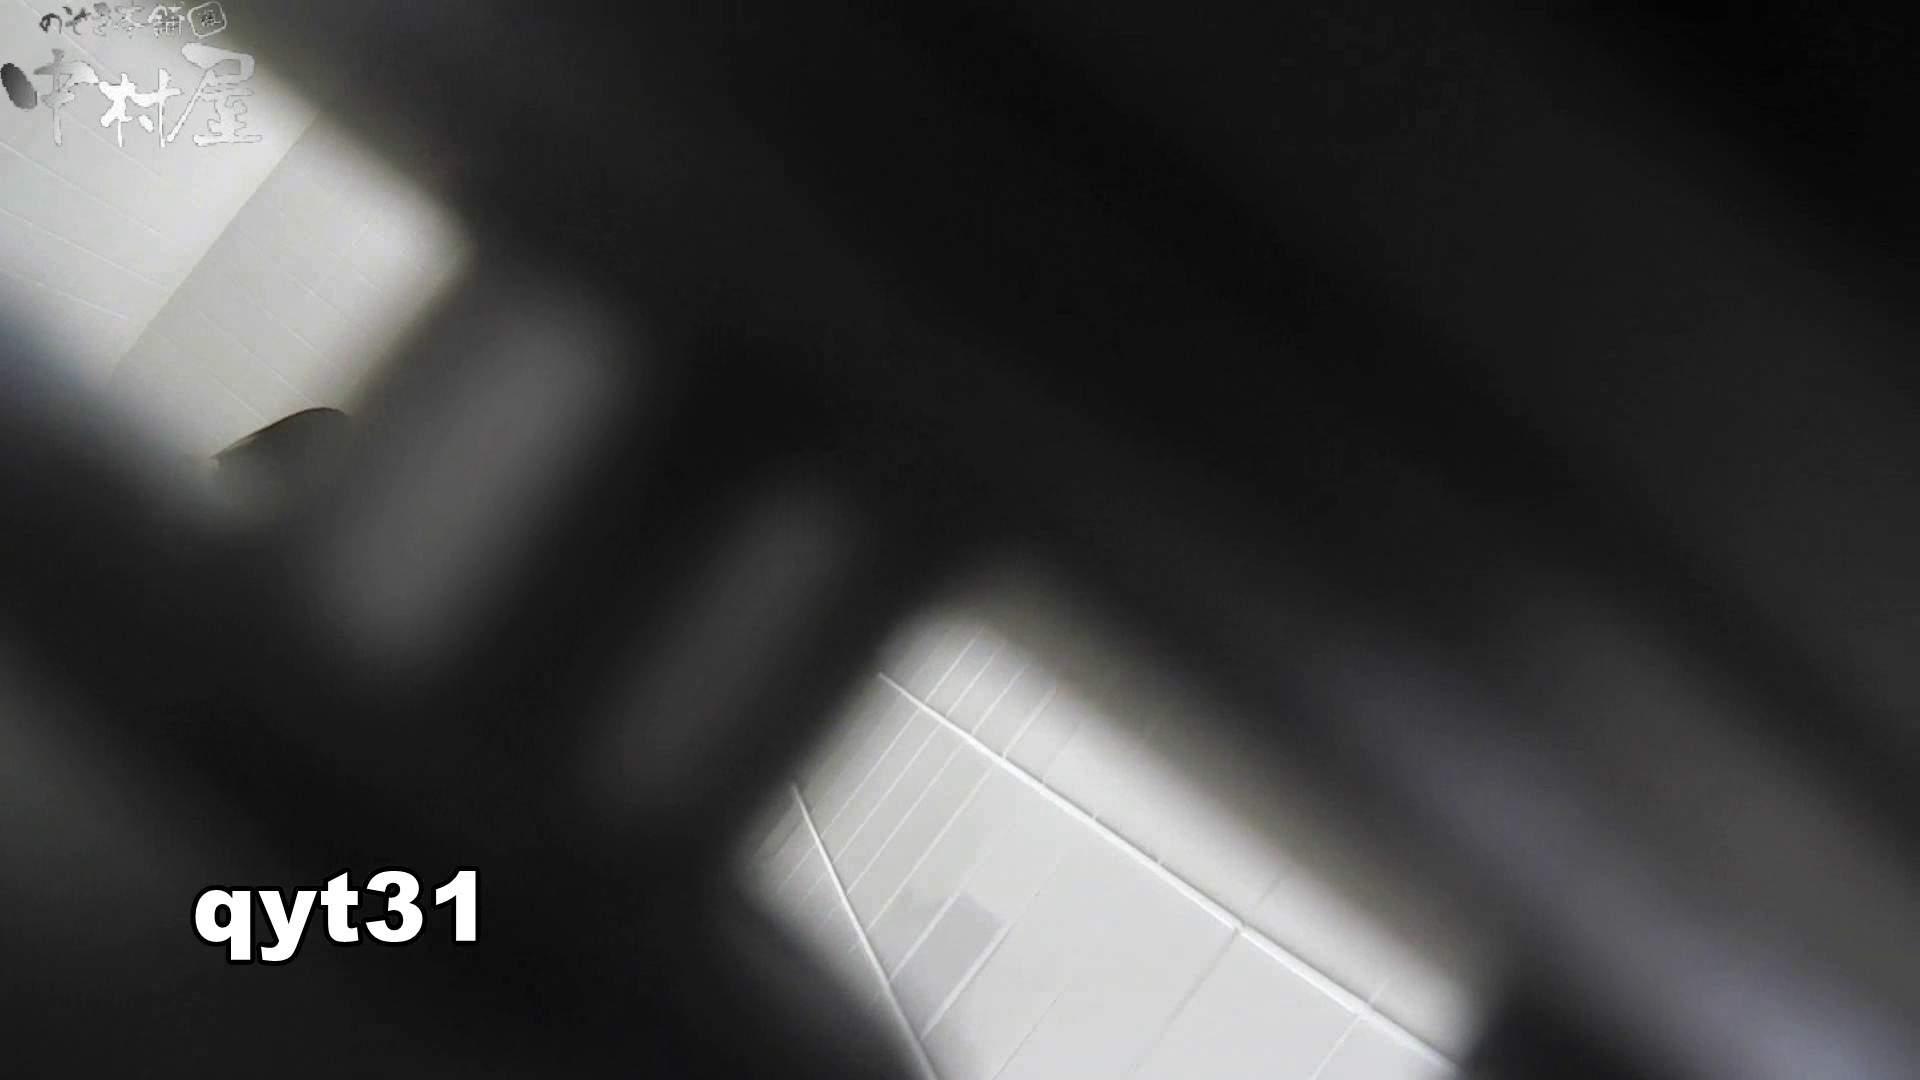 【お銀さんの「洗面所突入レポート!!」】お銀さんの「洗面所突入レポート!!」 vol.31 Σ(||゚Д゚)ヒィ~!! 洗面所 | 綺麗なOLたち  71枚 39